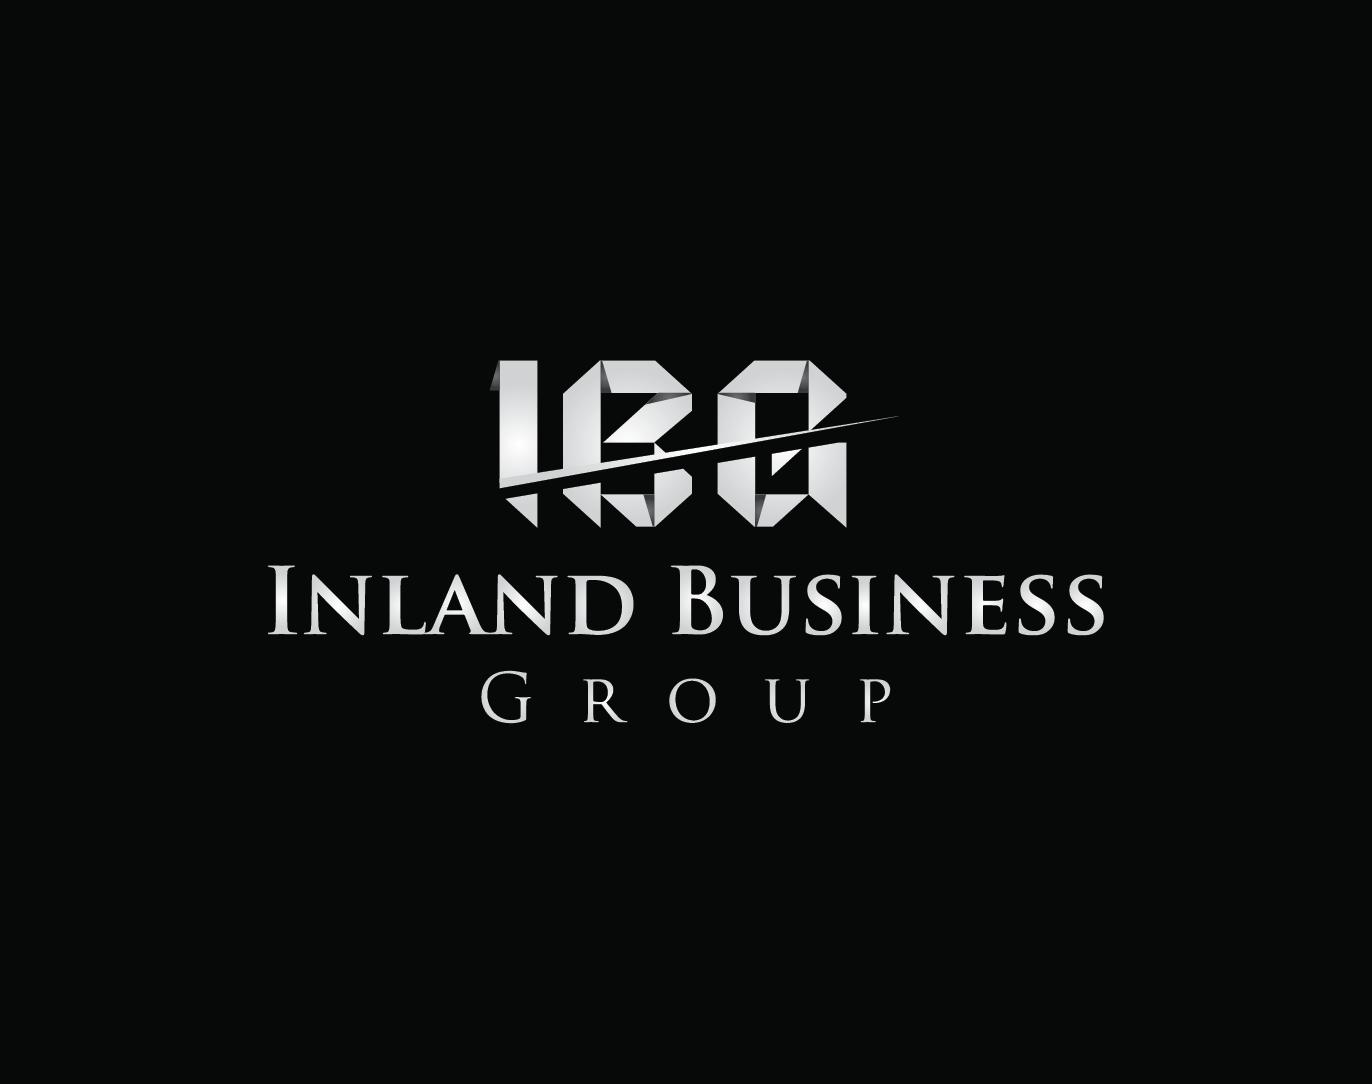 Professinal Business Office Branding Development